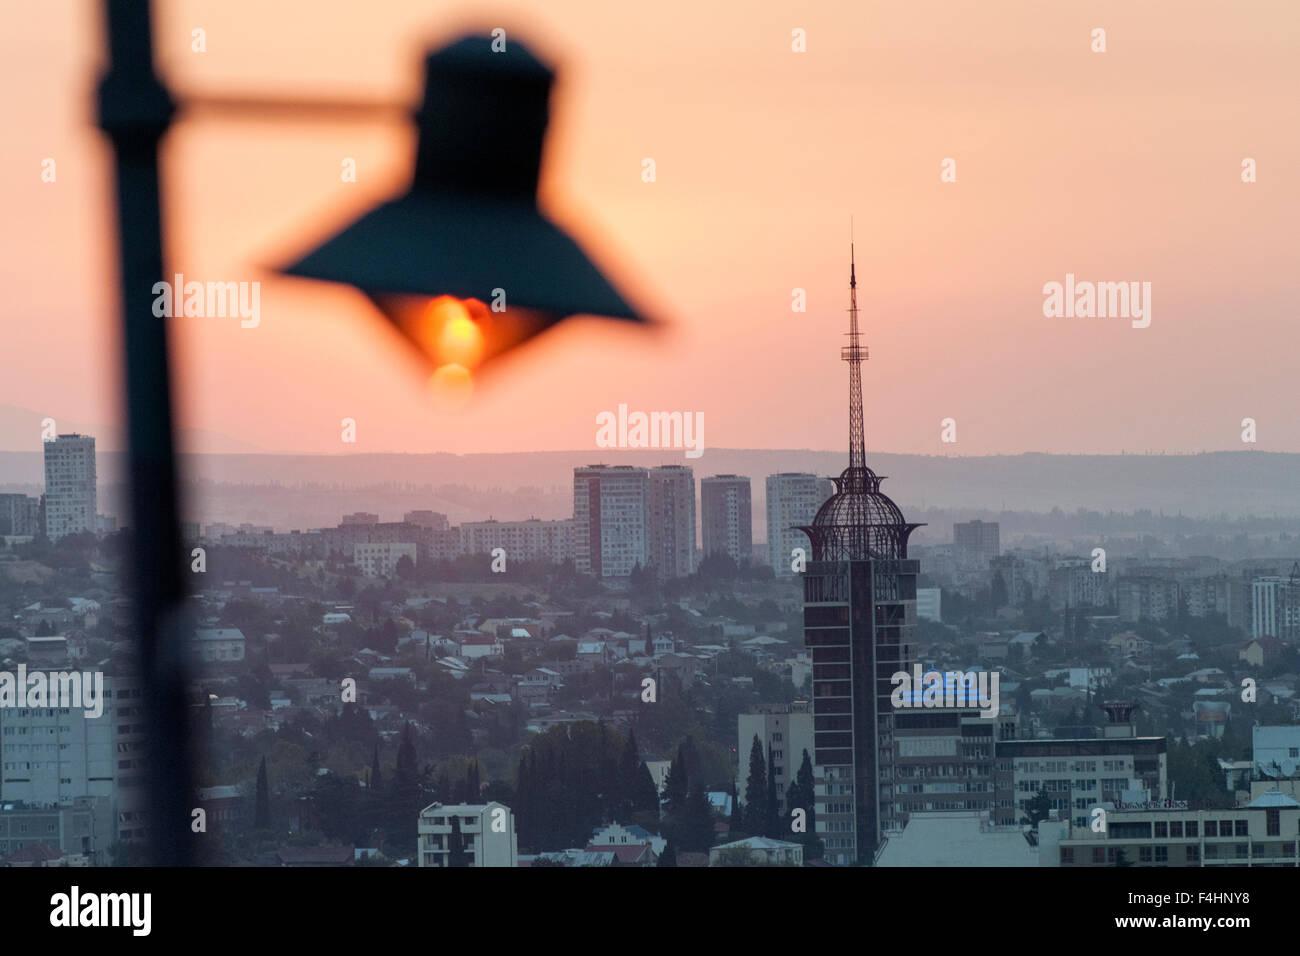 Sunrise over Tbilisi, the capital of Georgia. - Stock Image